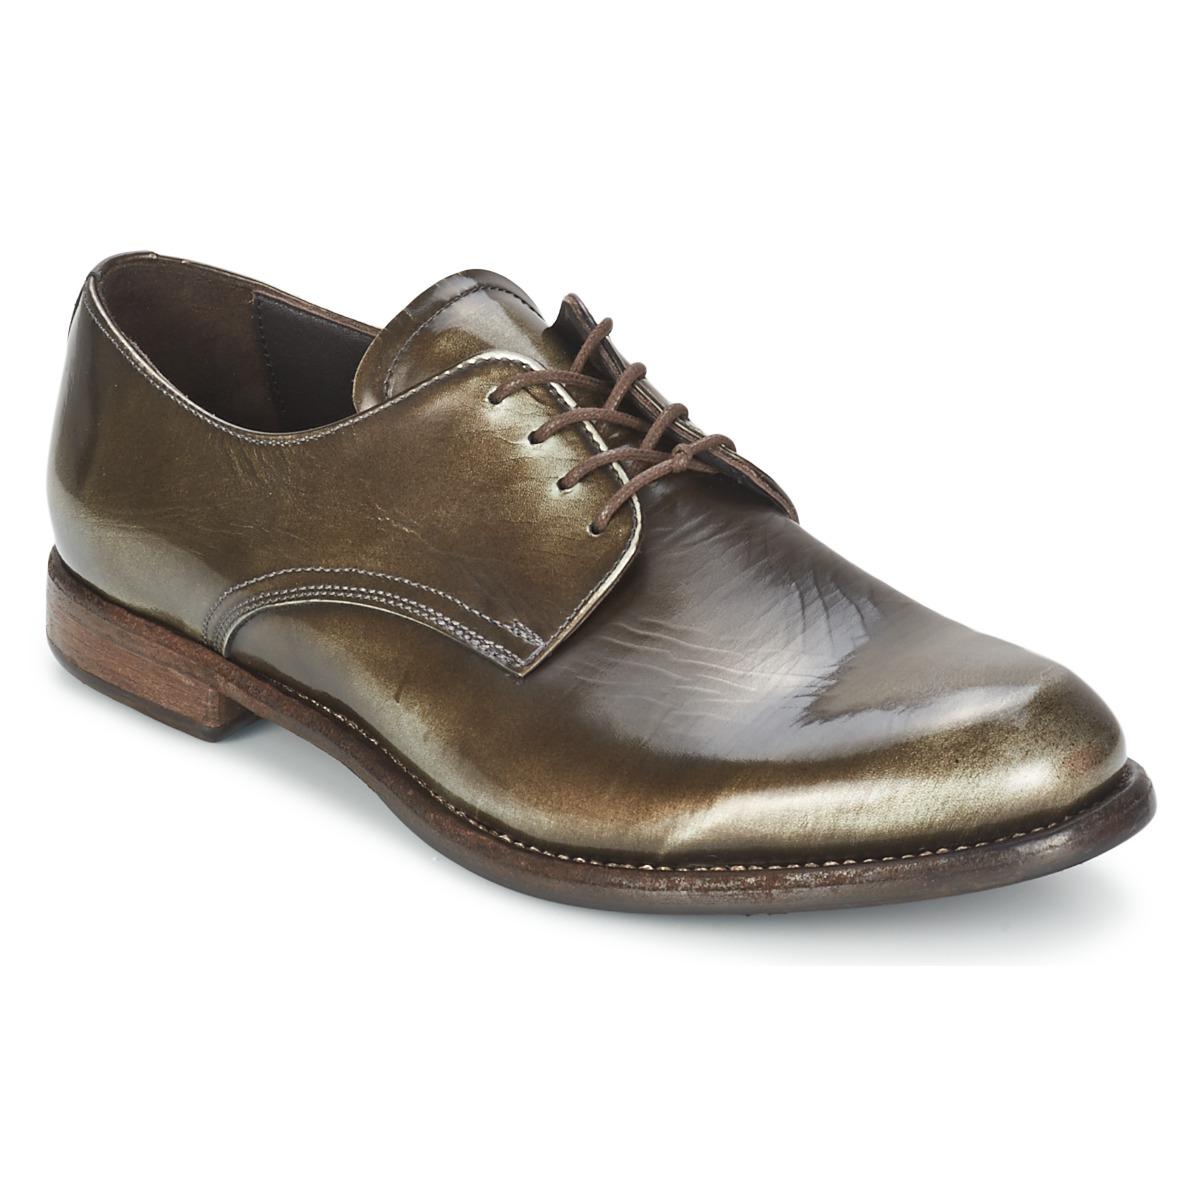 ndc FULL MOON MIRAGGIO Schwarz - Kostenloser Versand bei Spartoode ! - Schuhe Derby-Schuhe Damen 194,50 €